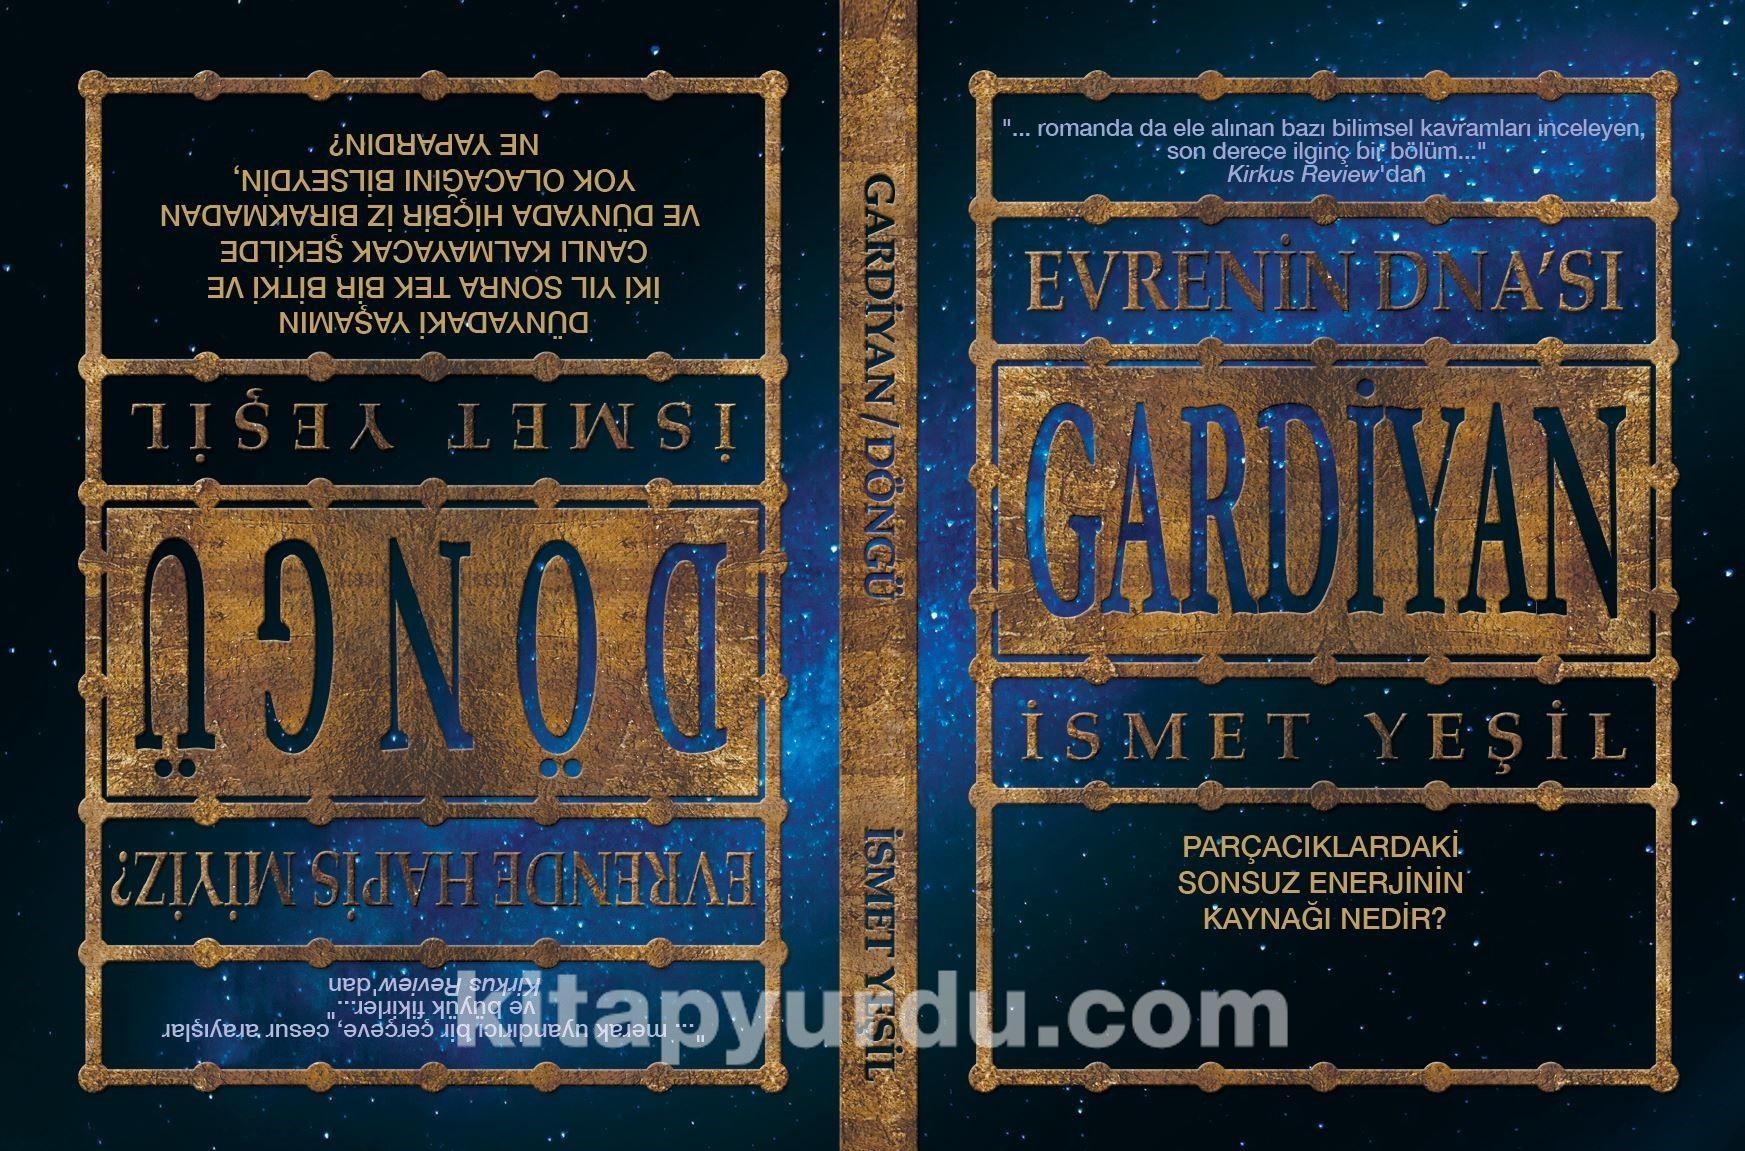 Gardiyan / Döngü